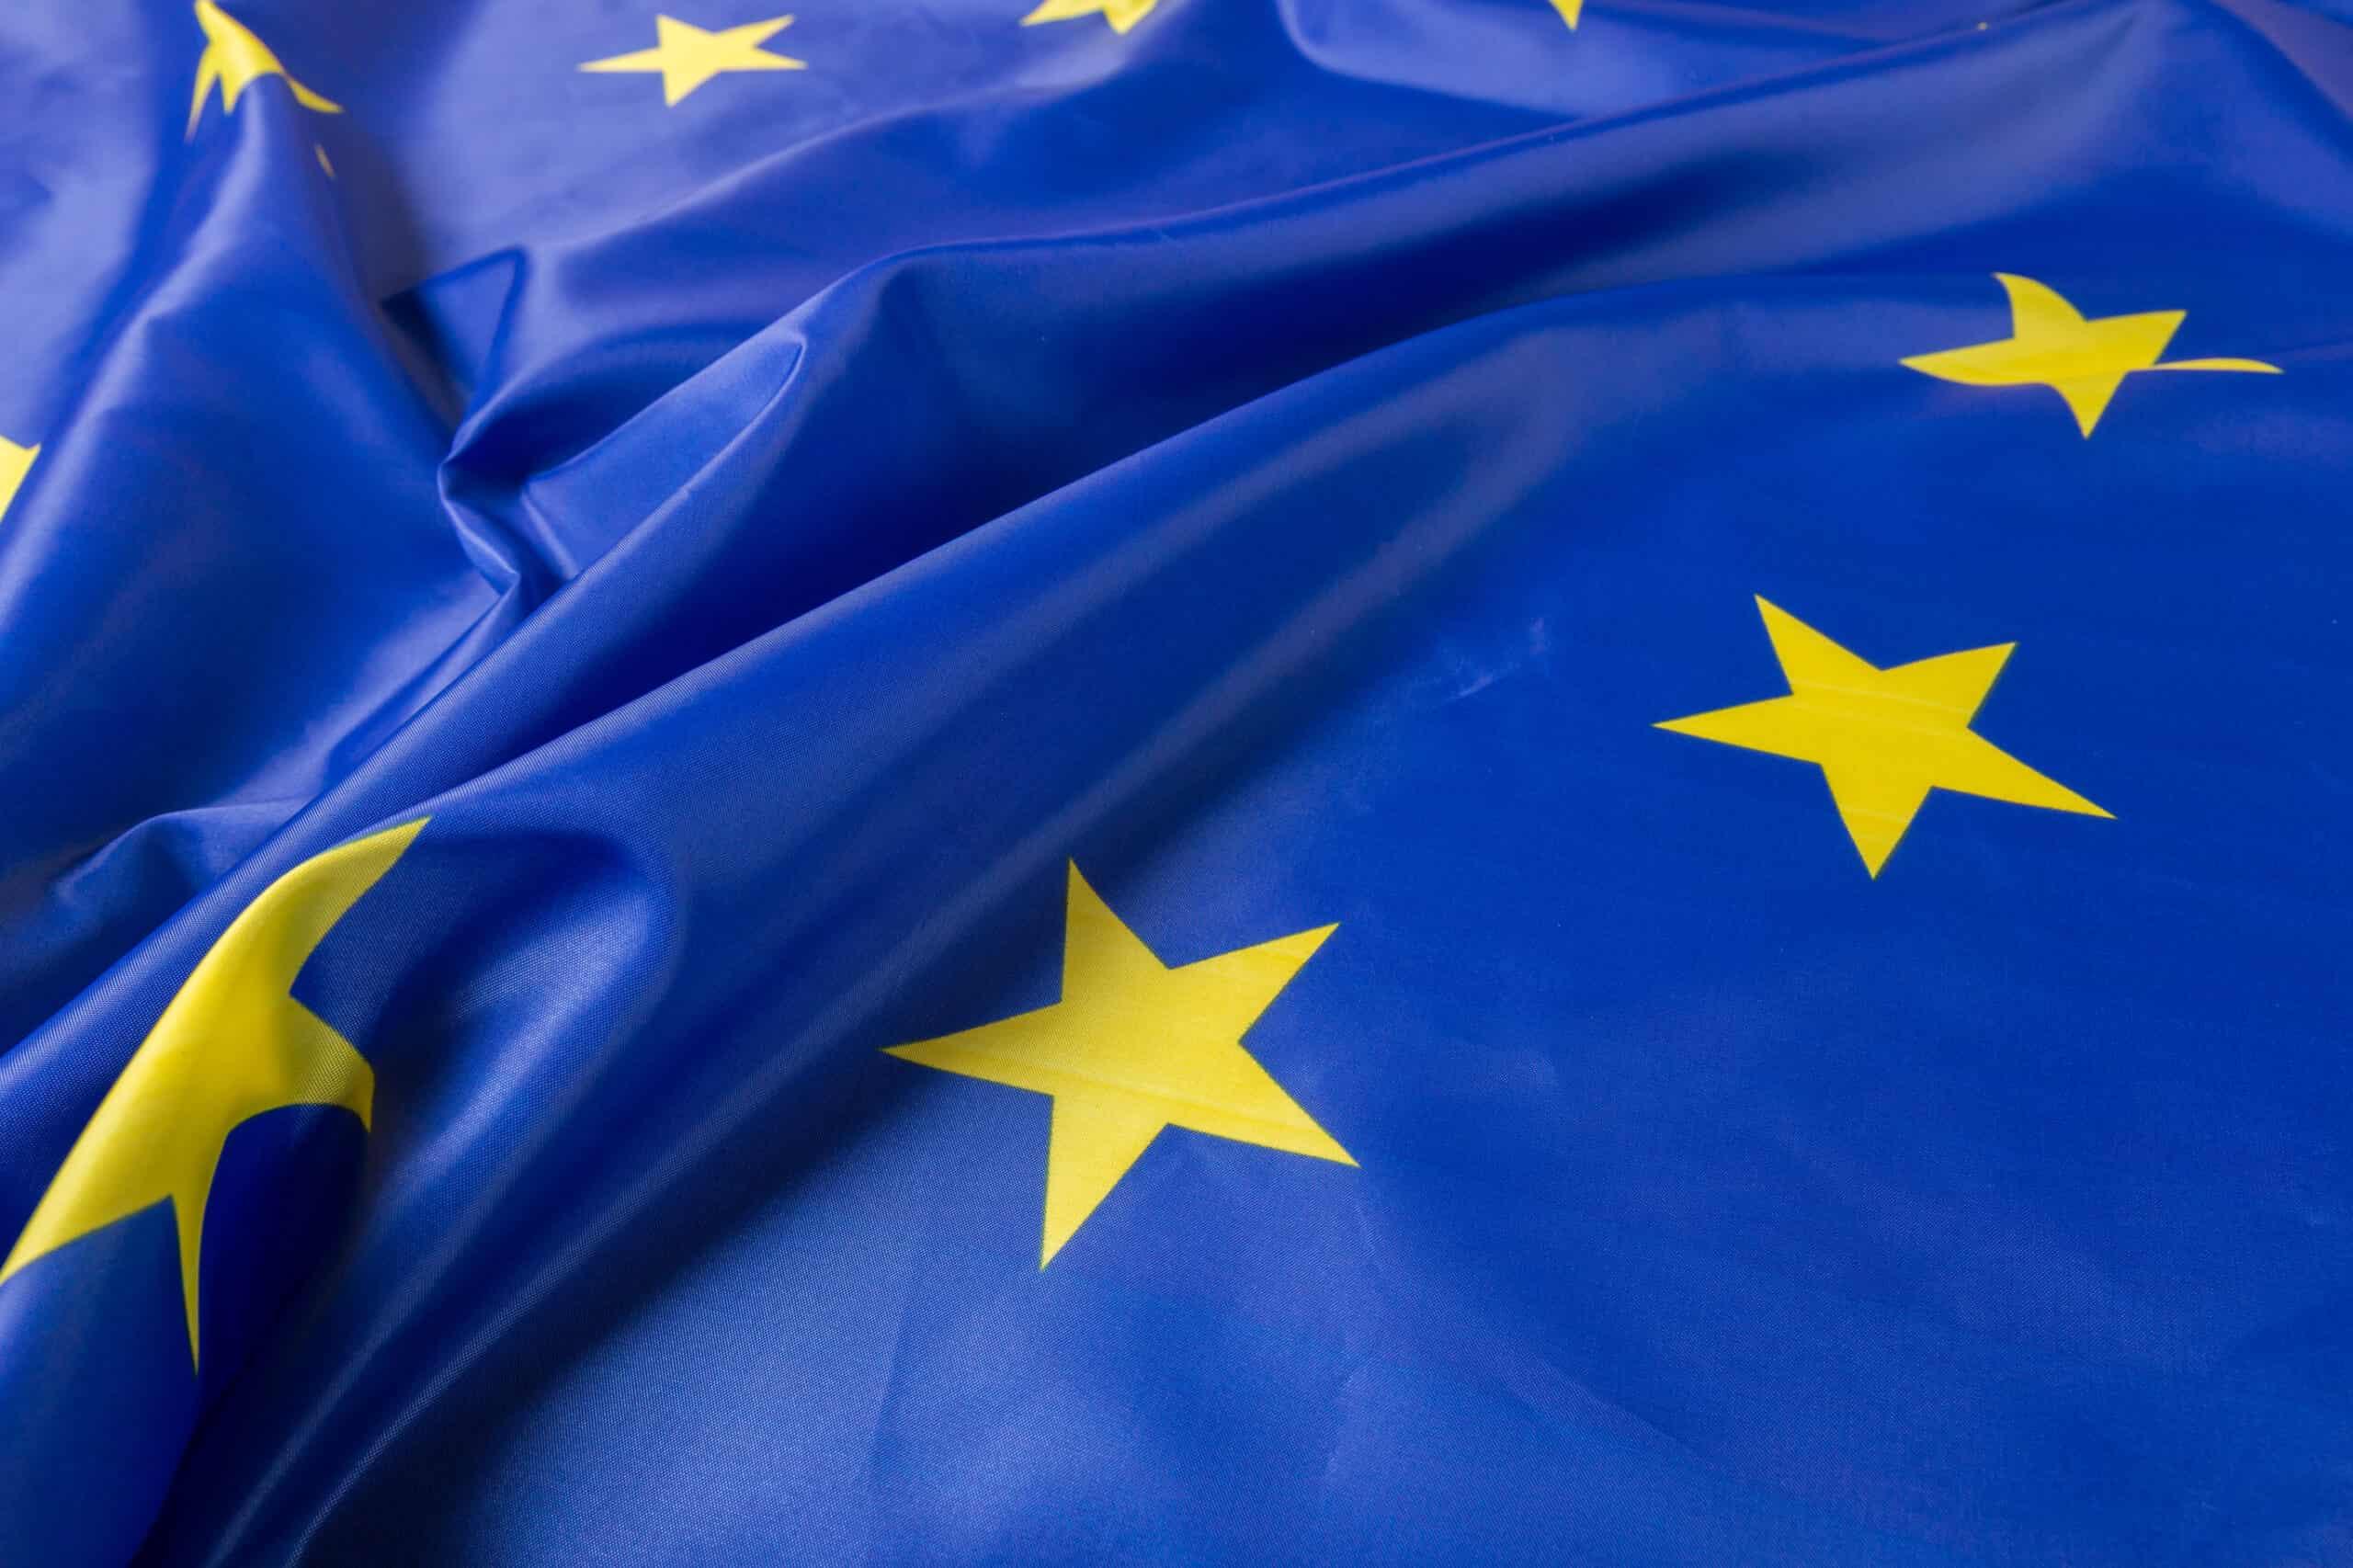 scenariusz na stopy procentowe w strefie euro - 10 czerwca 2021